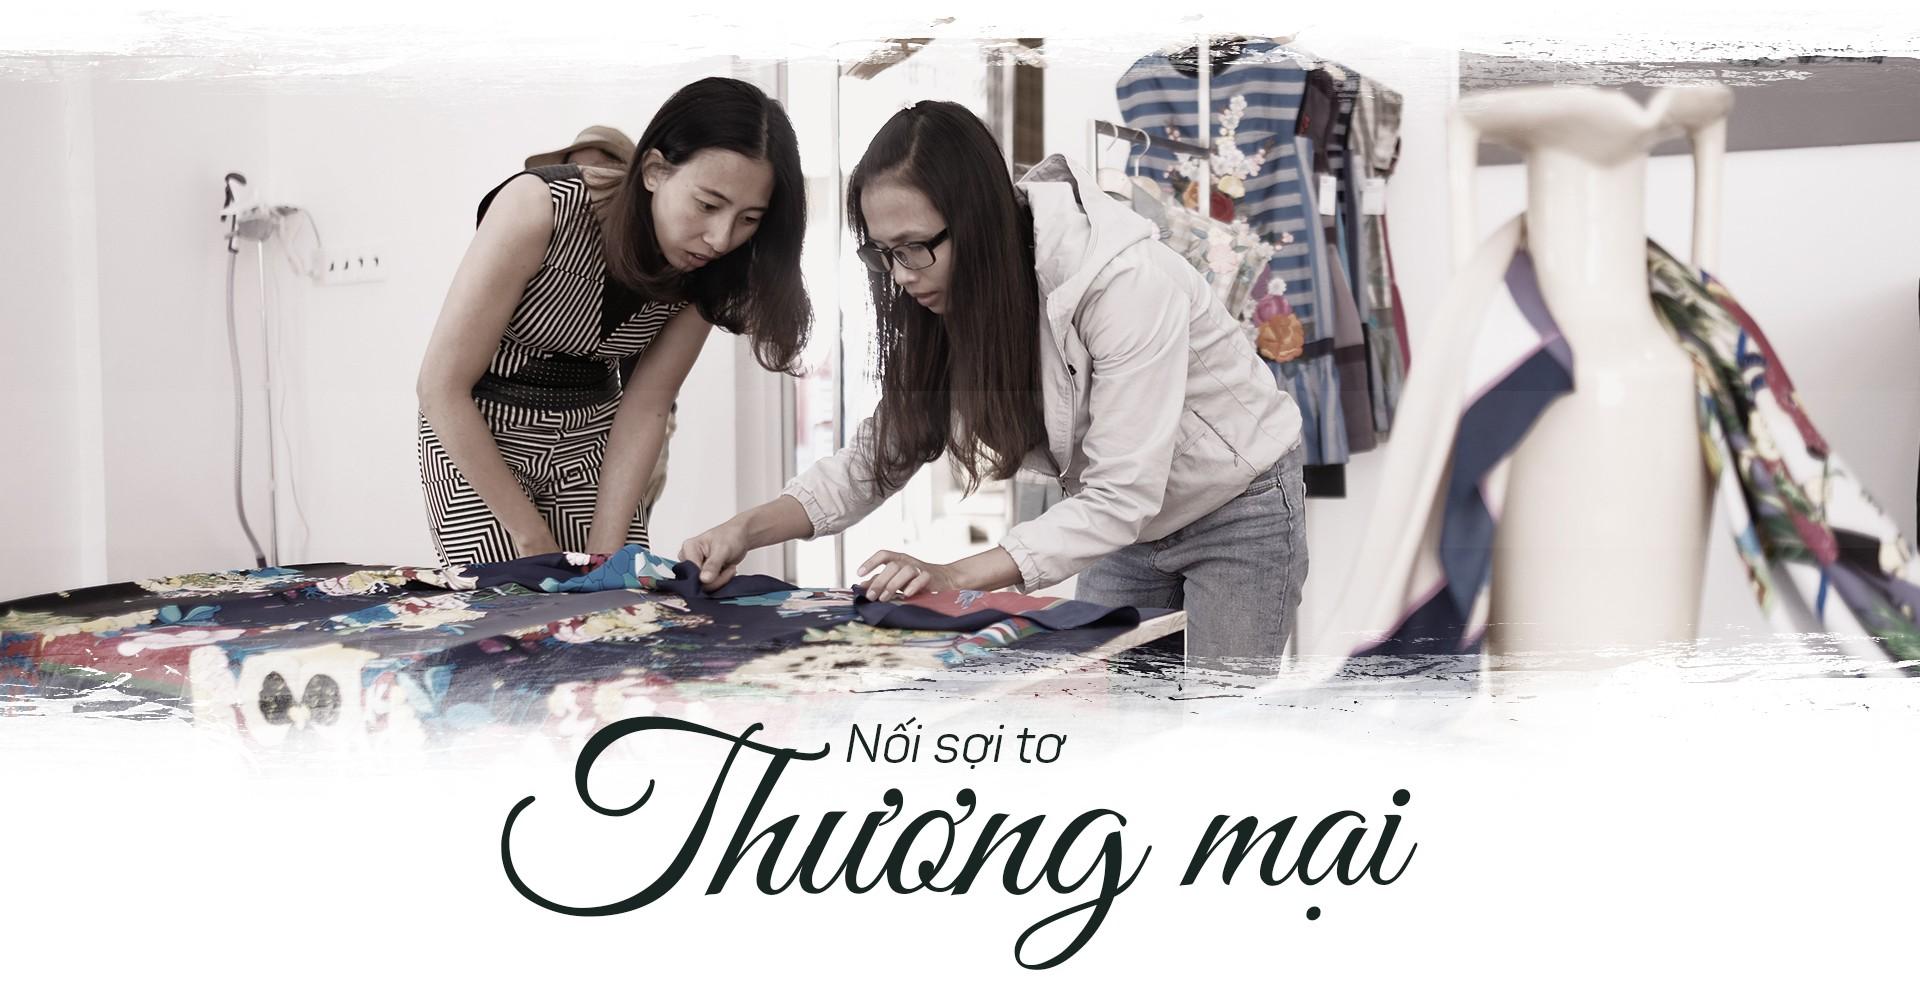 Tơ lụa Việt Nam: Sứ mệnh mới của thủ phủ tơ tằm Bảo Lộc - Ảnh 3.